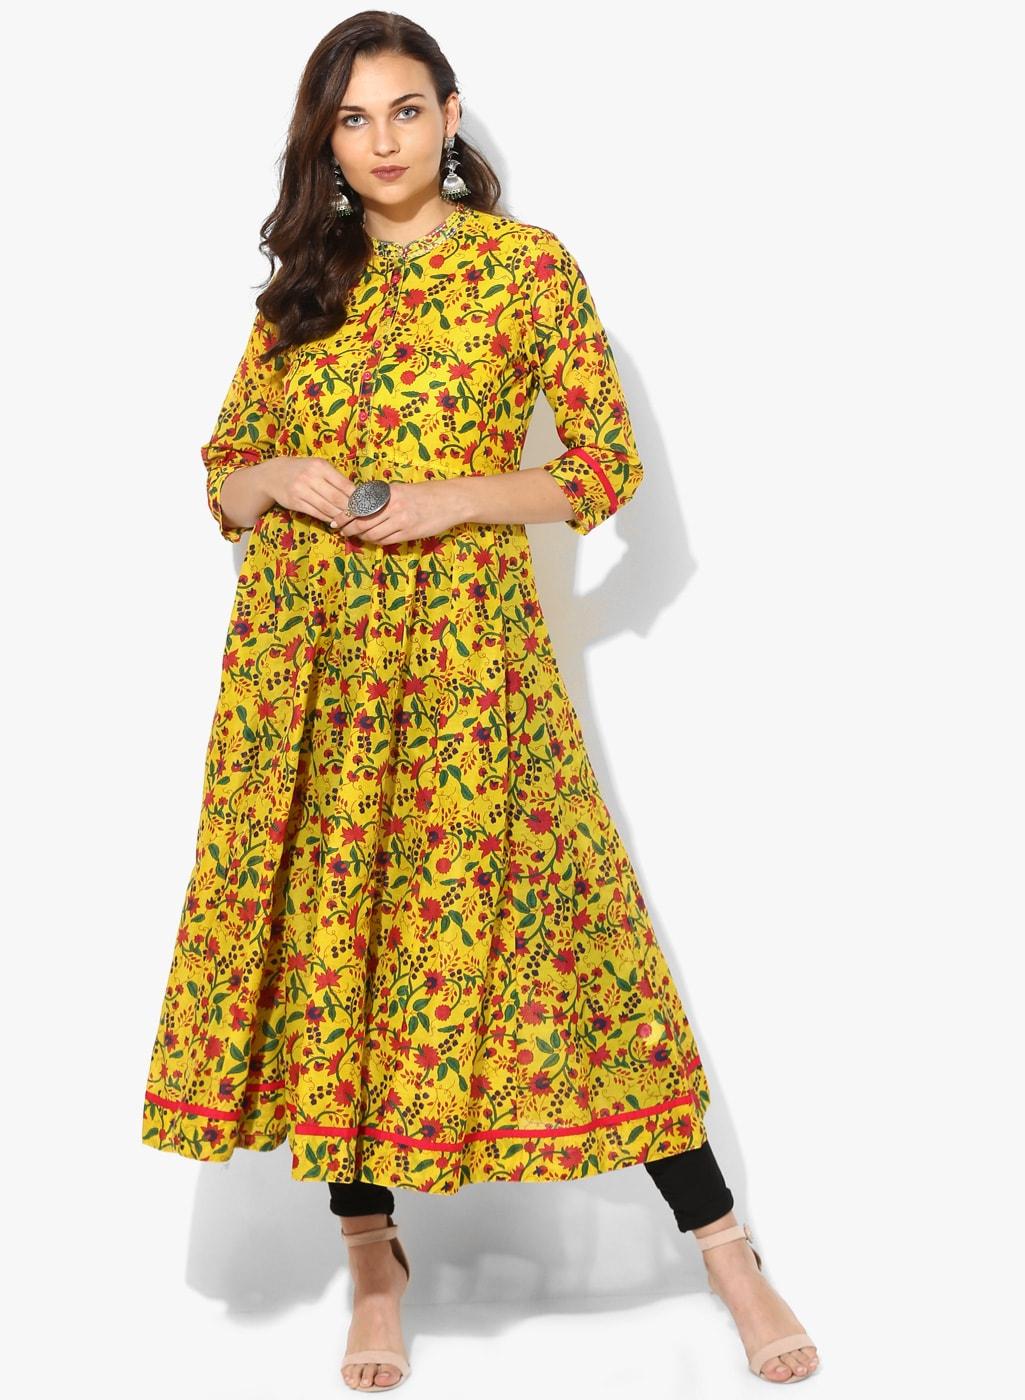 5b7543aece Kurtis Online - Buy Designer Kurtis   Suits for Women - Myntra